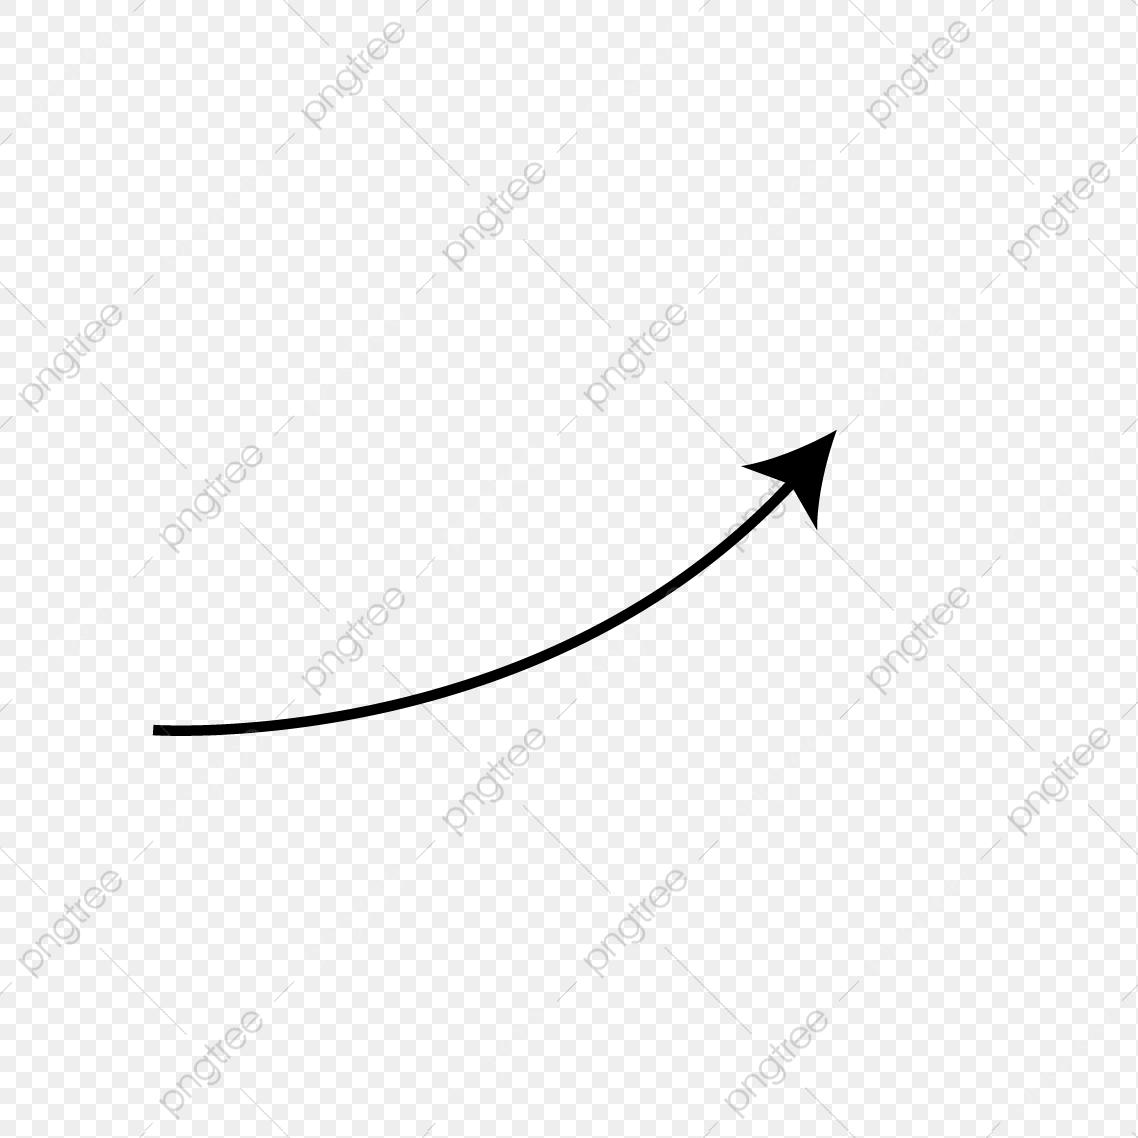 El Aumento De Flechas, Lugar, Curva, Flecha Imagen PNG para Descarga.